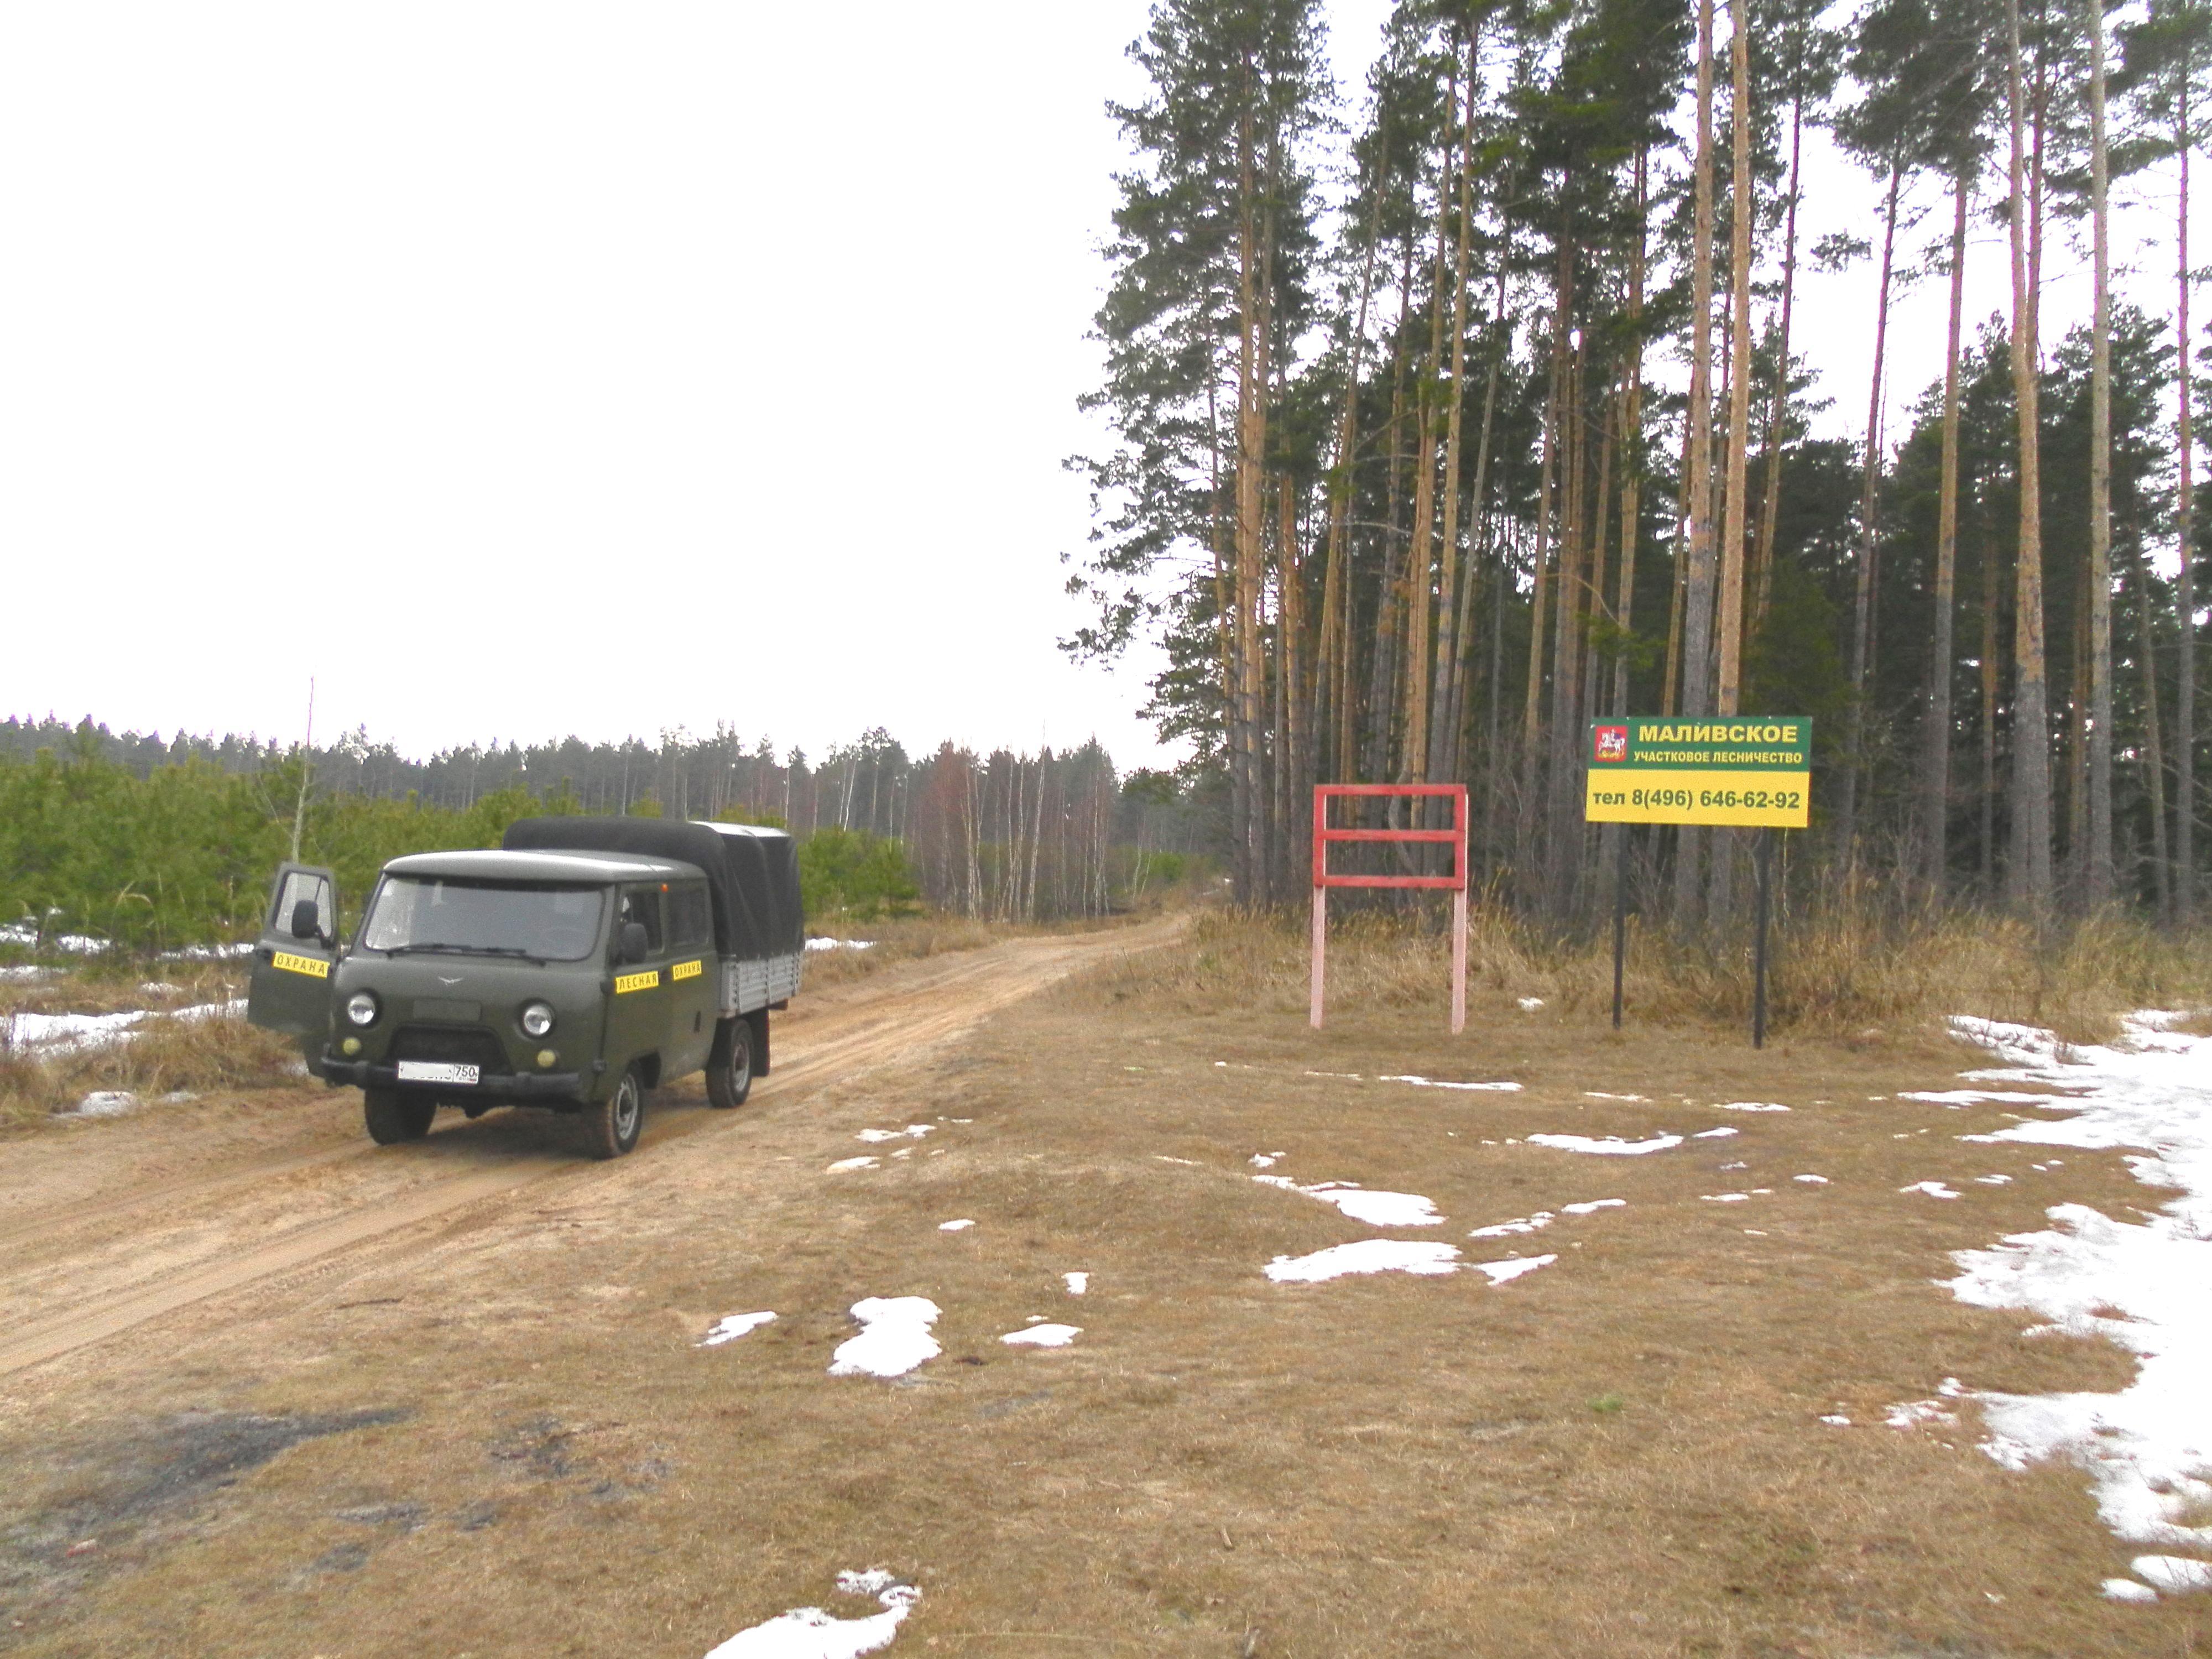 В лесничестве вблизи коломенских населенных пунктов пройдут санитарно-оздоровительные мероприятия